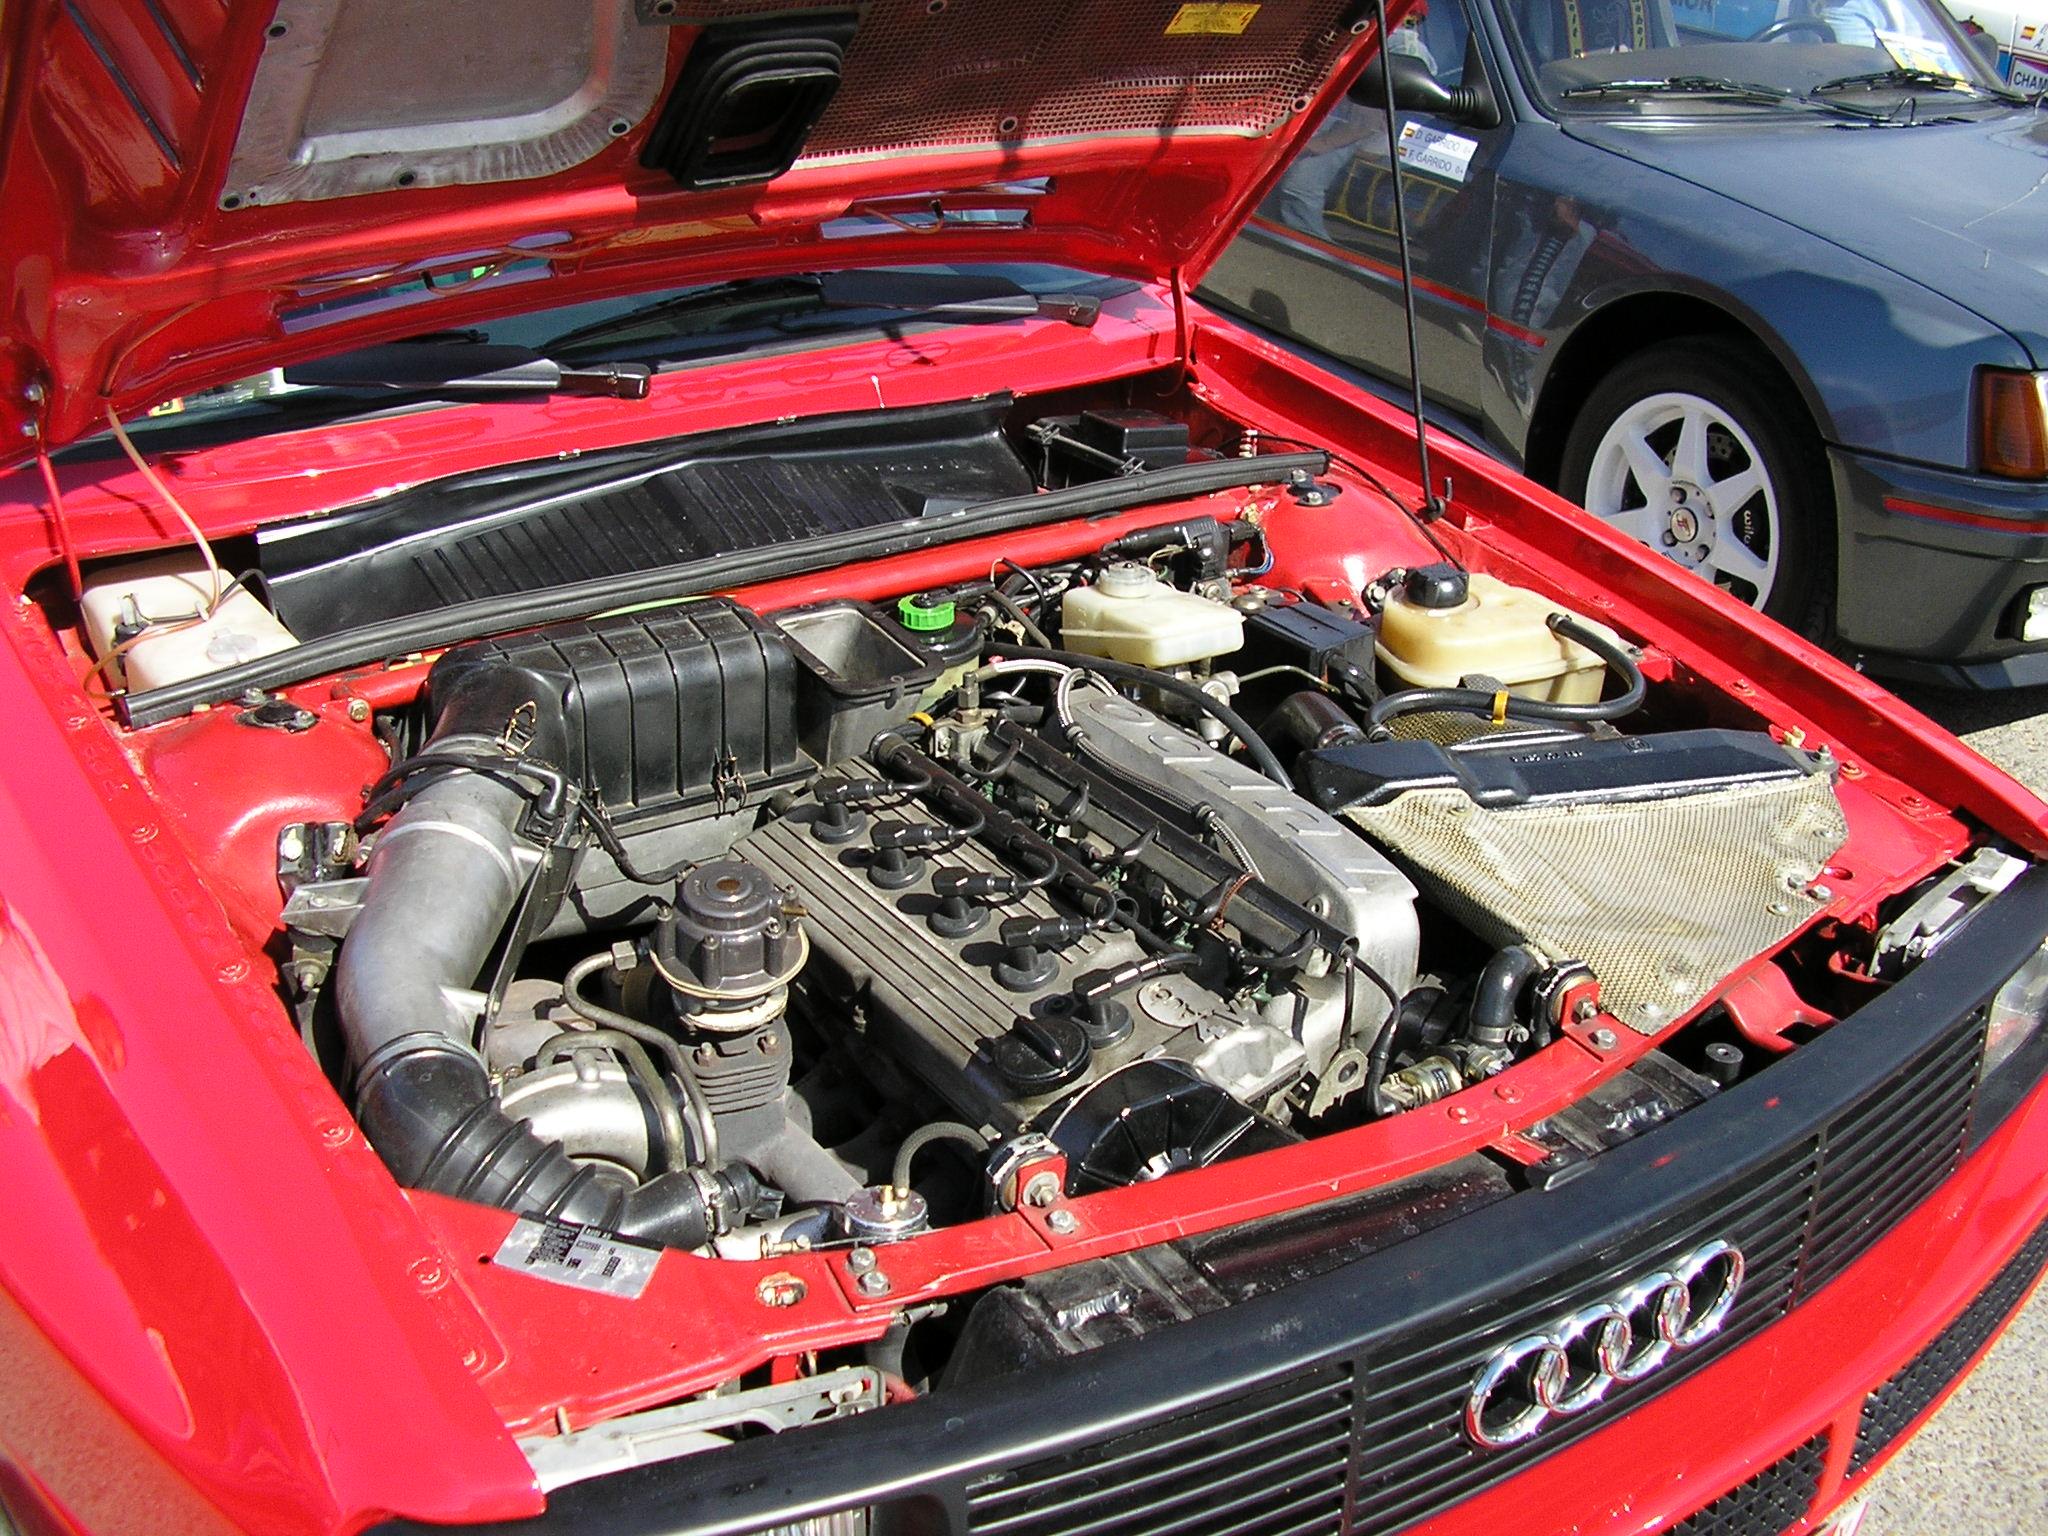 Audi Quattro Audi_Quattro_engine_Jarama_2006